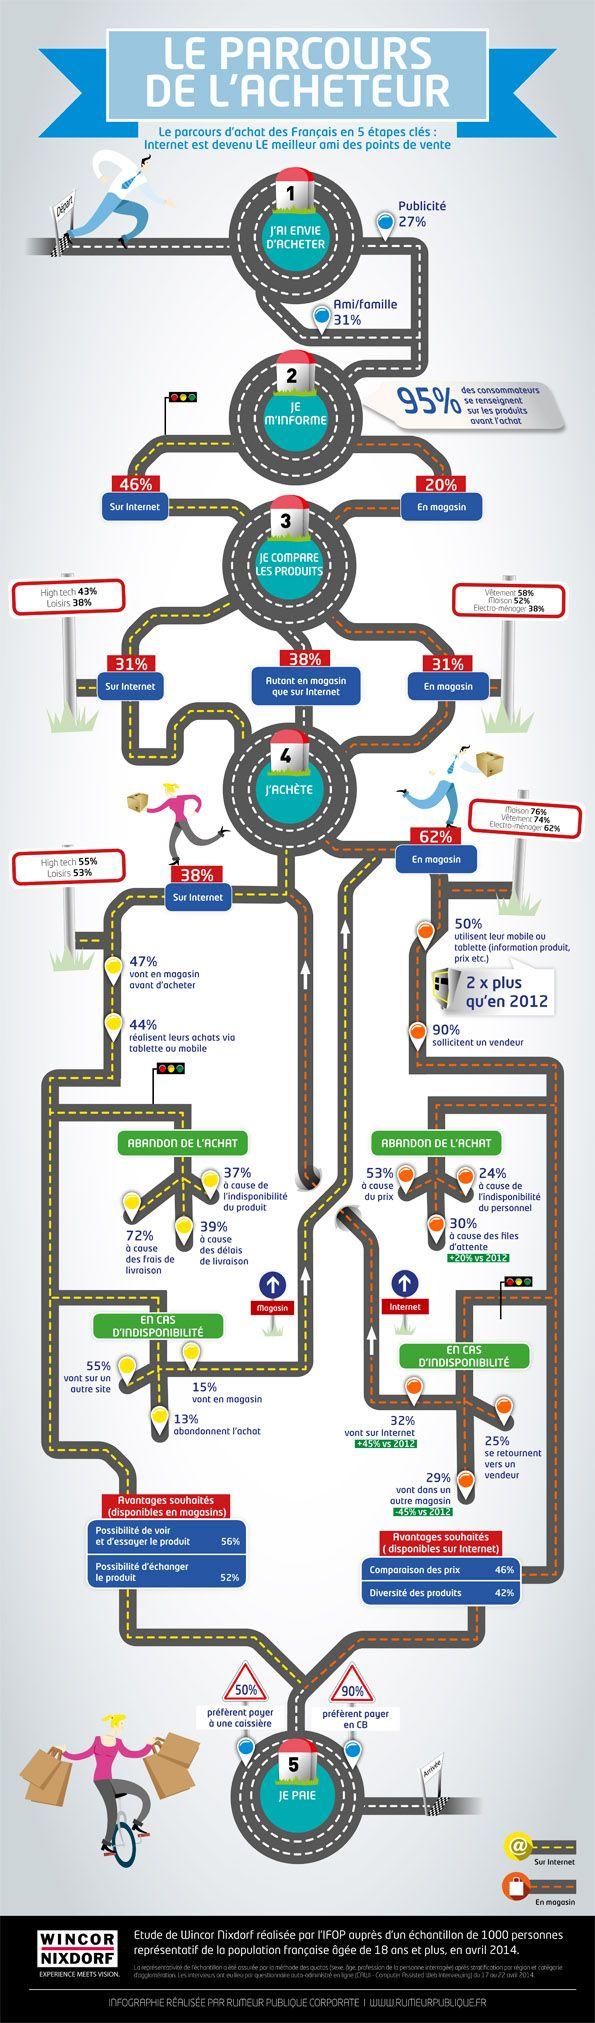 Enquête ifop - #infographie en français Le parcours d'achat en France avec comparaison Internet / magasin : intéressant !